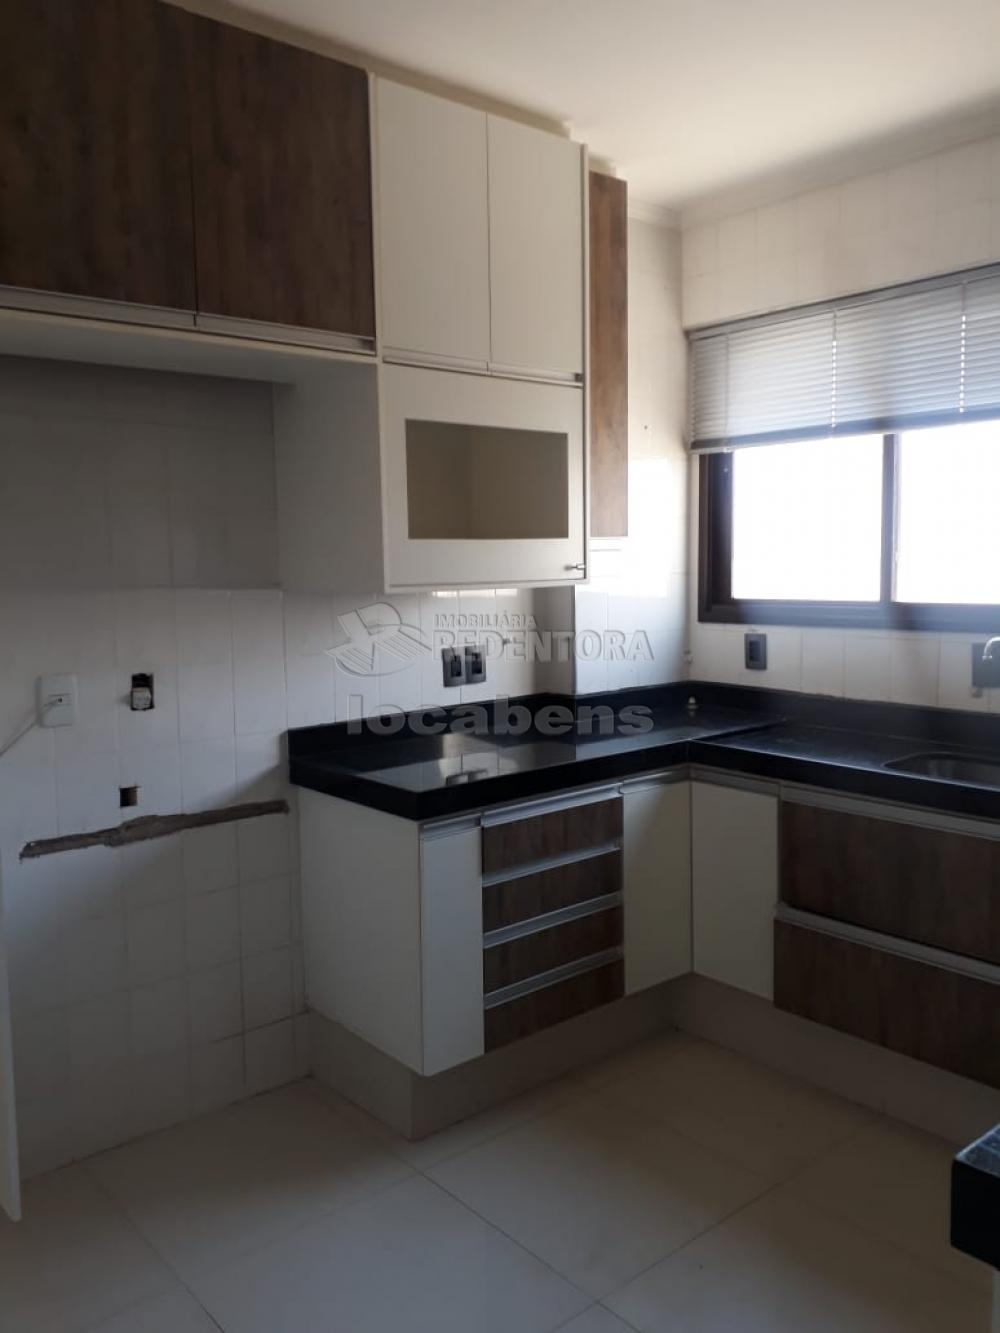 Comprar Apartamento / Padrão em São José do Rio Preto apenas R$ 450.000,00 - Foto 19